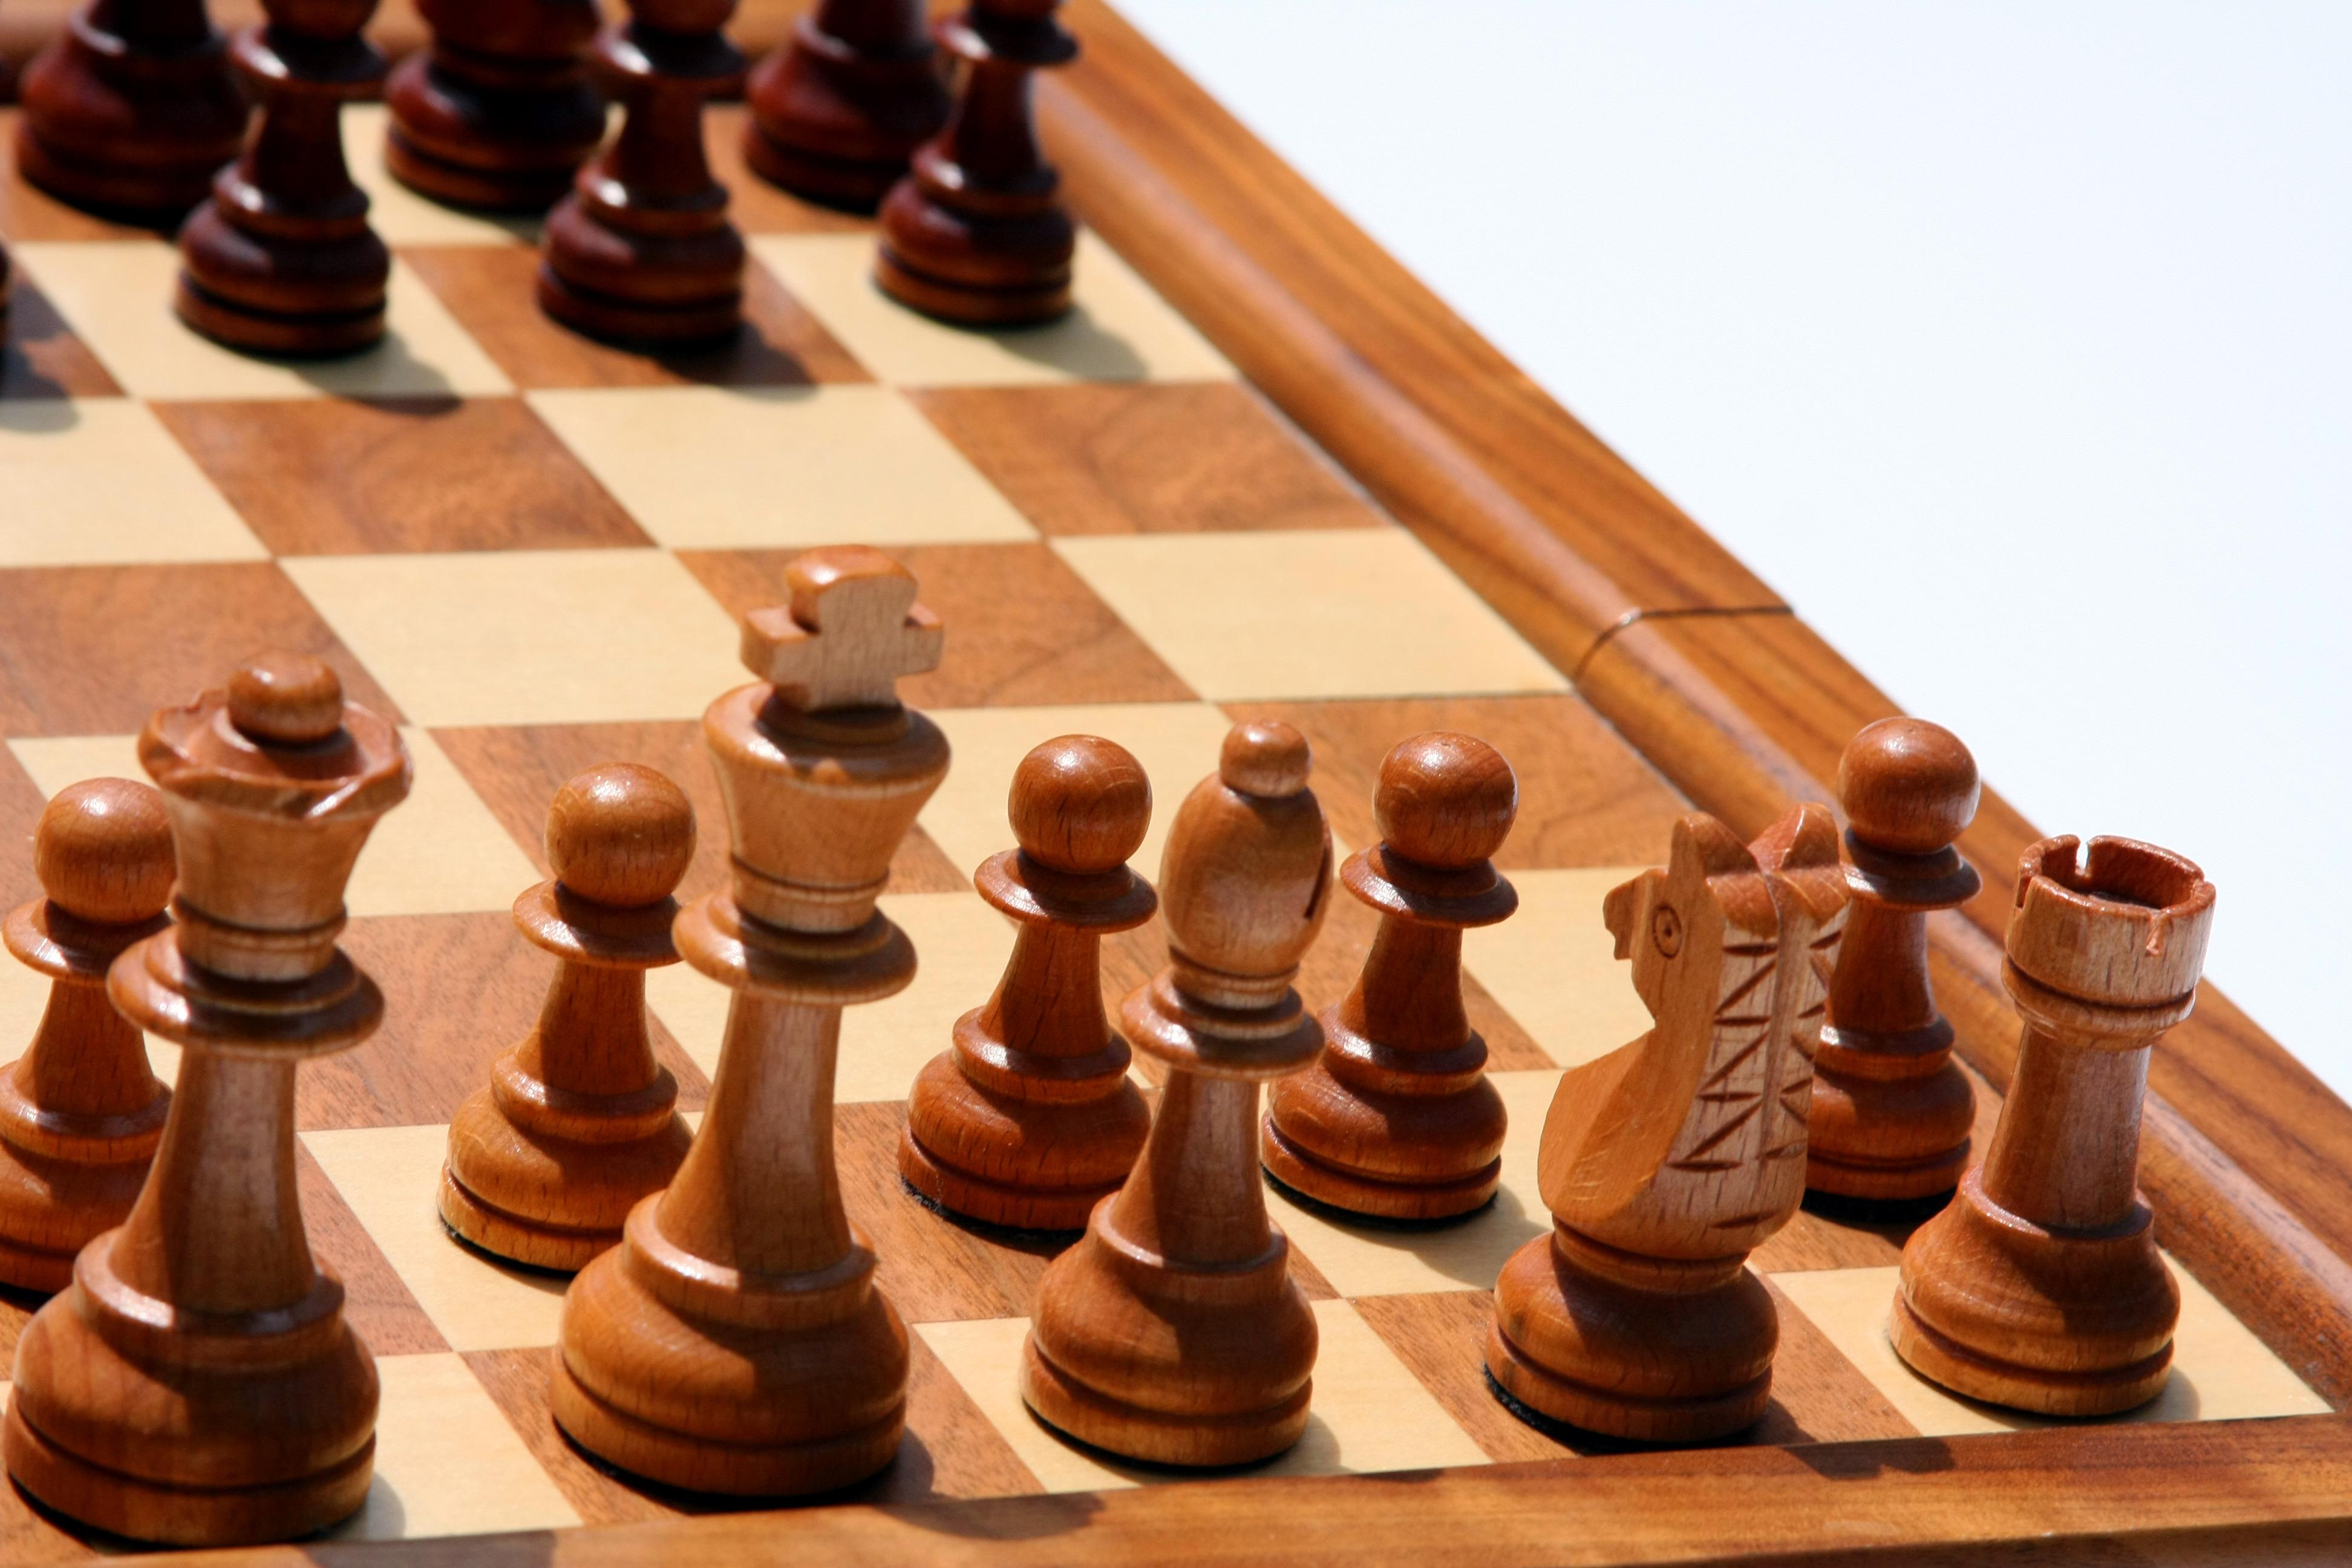 Обучение игре в шахматы онлайн бесплатно